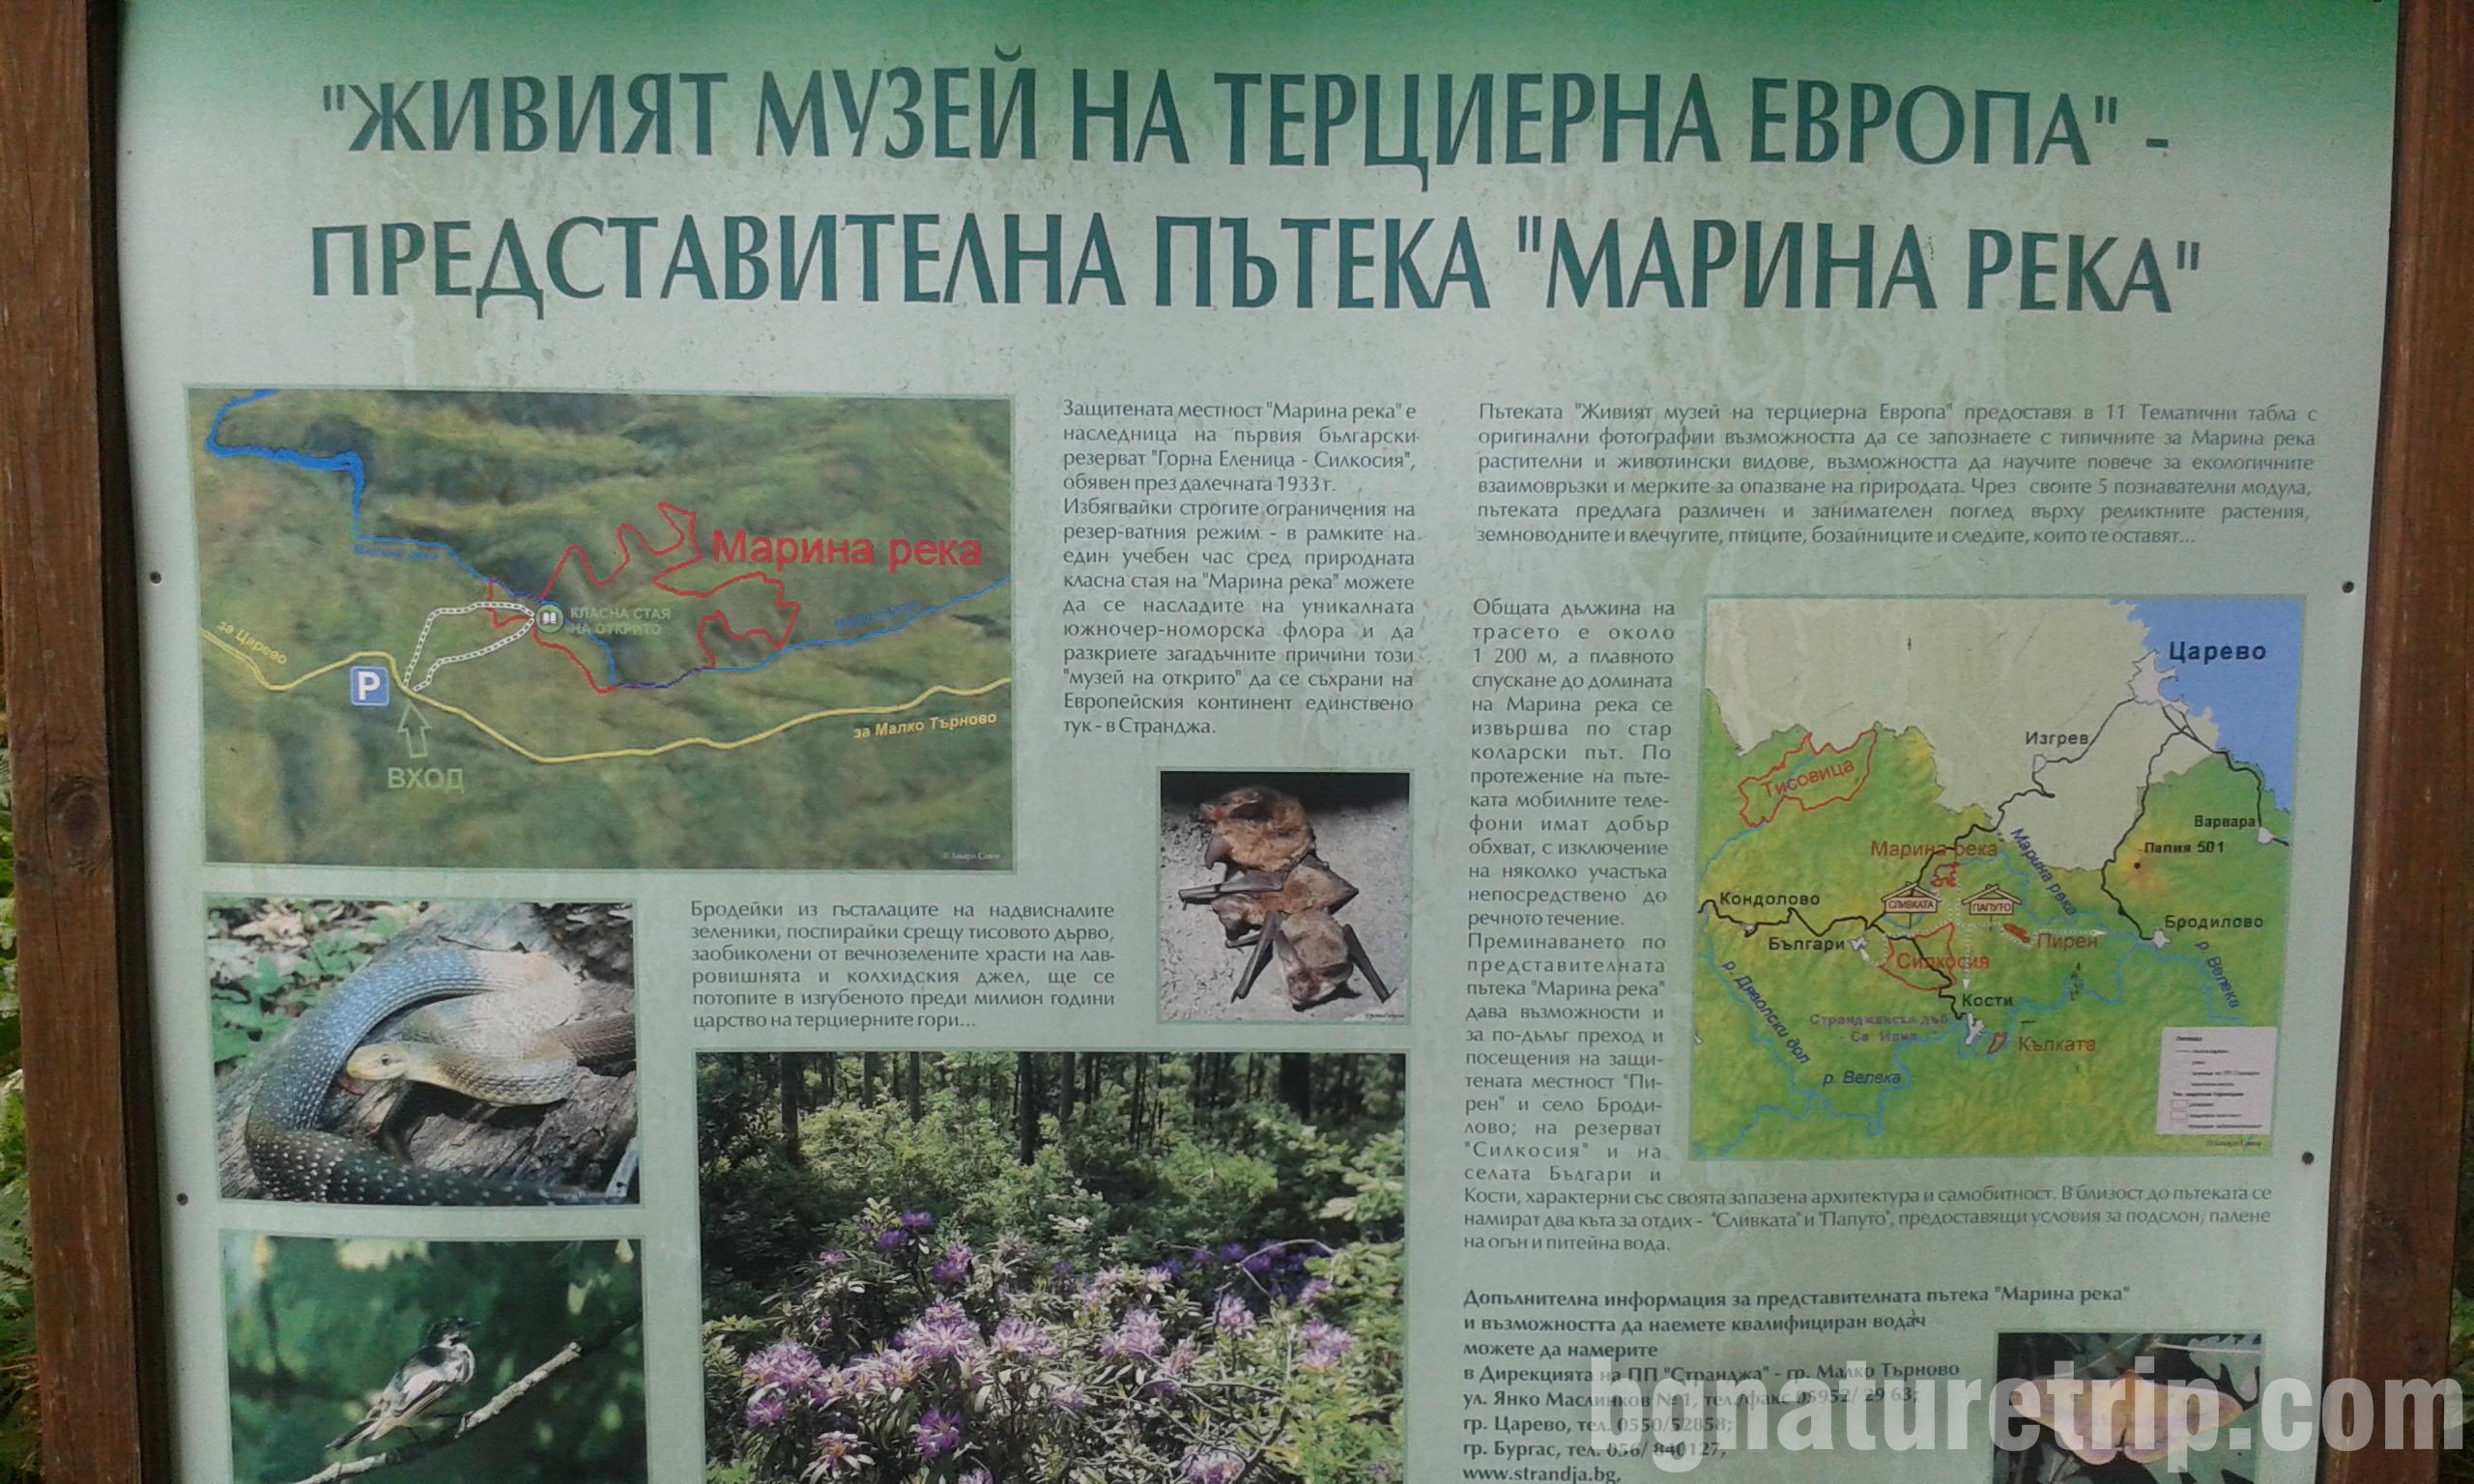 Информационна табела по пътеката към Марина река, общ. Царево